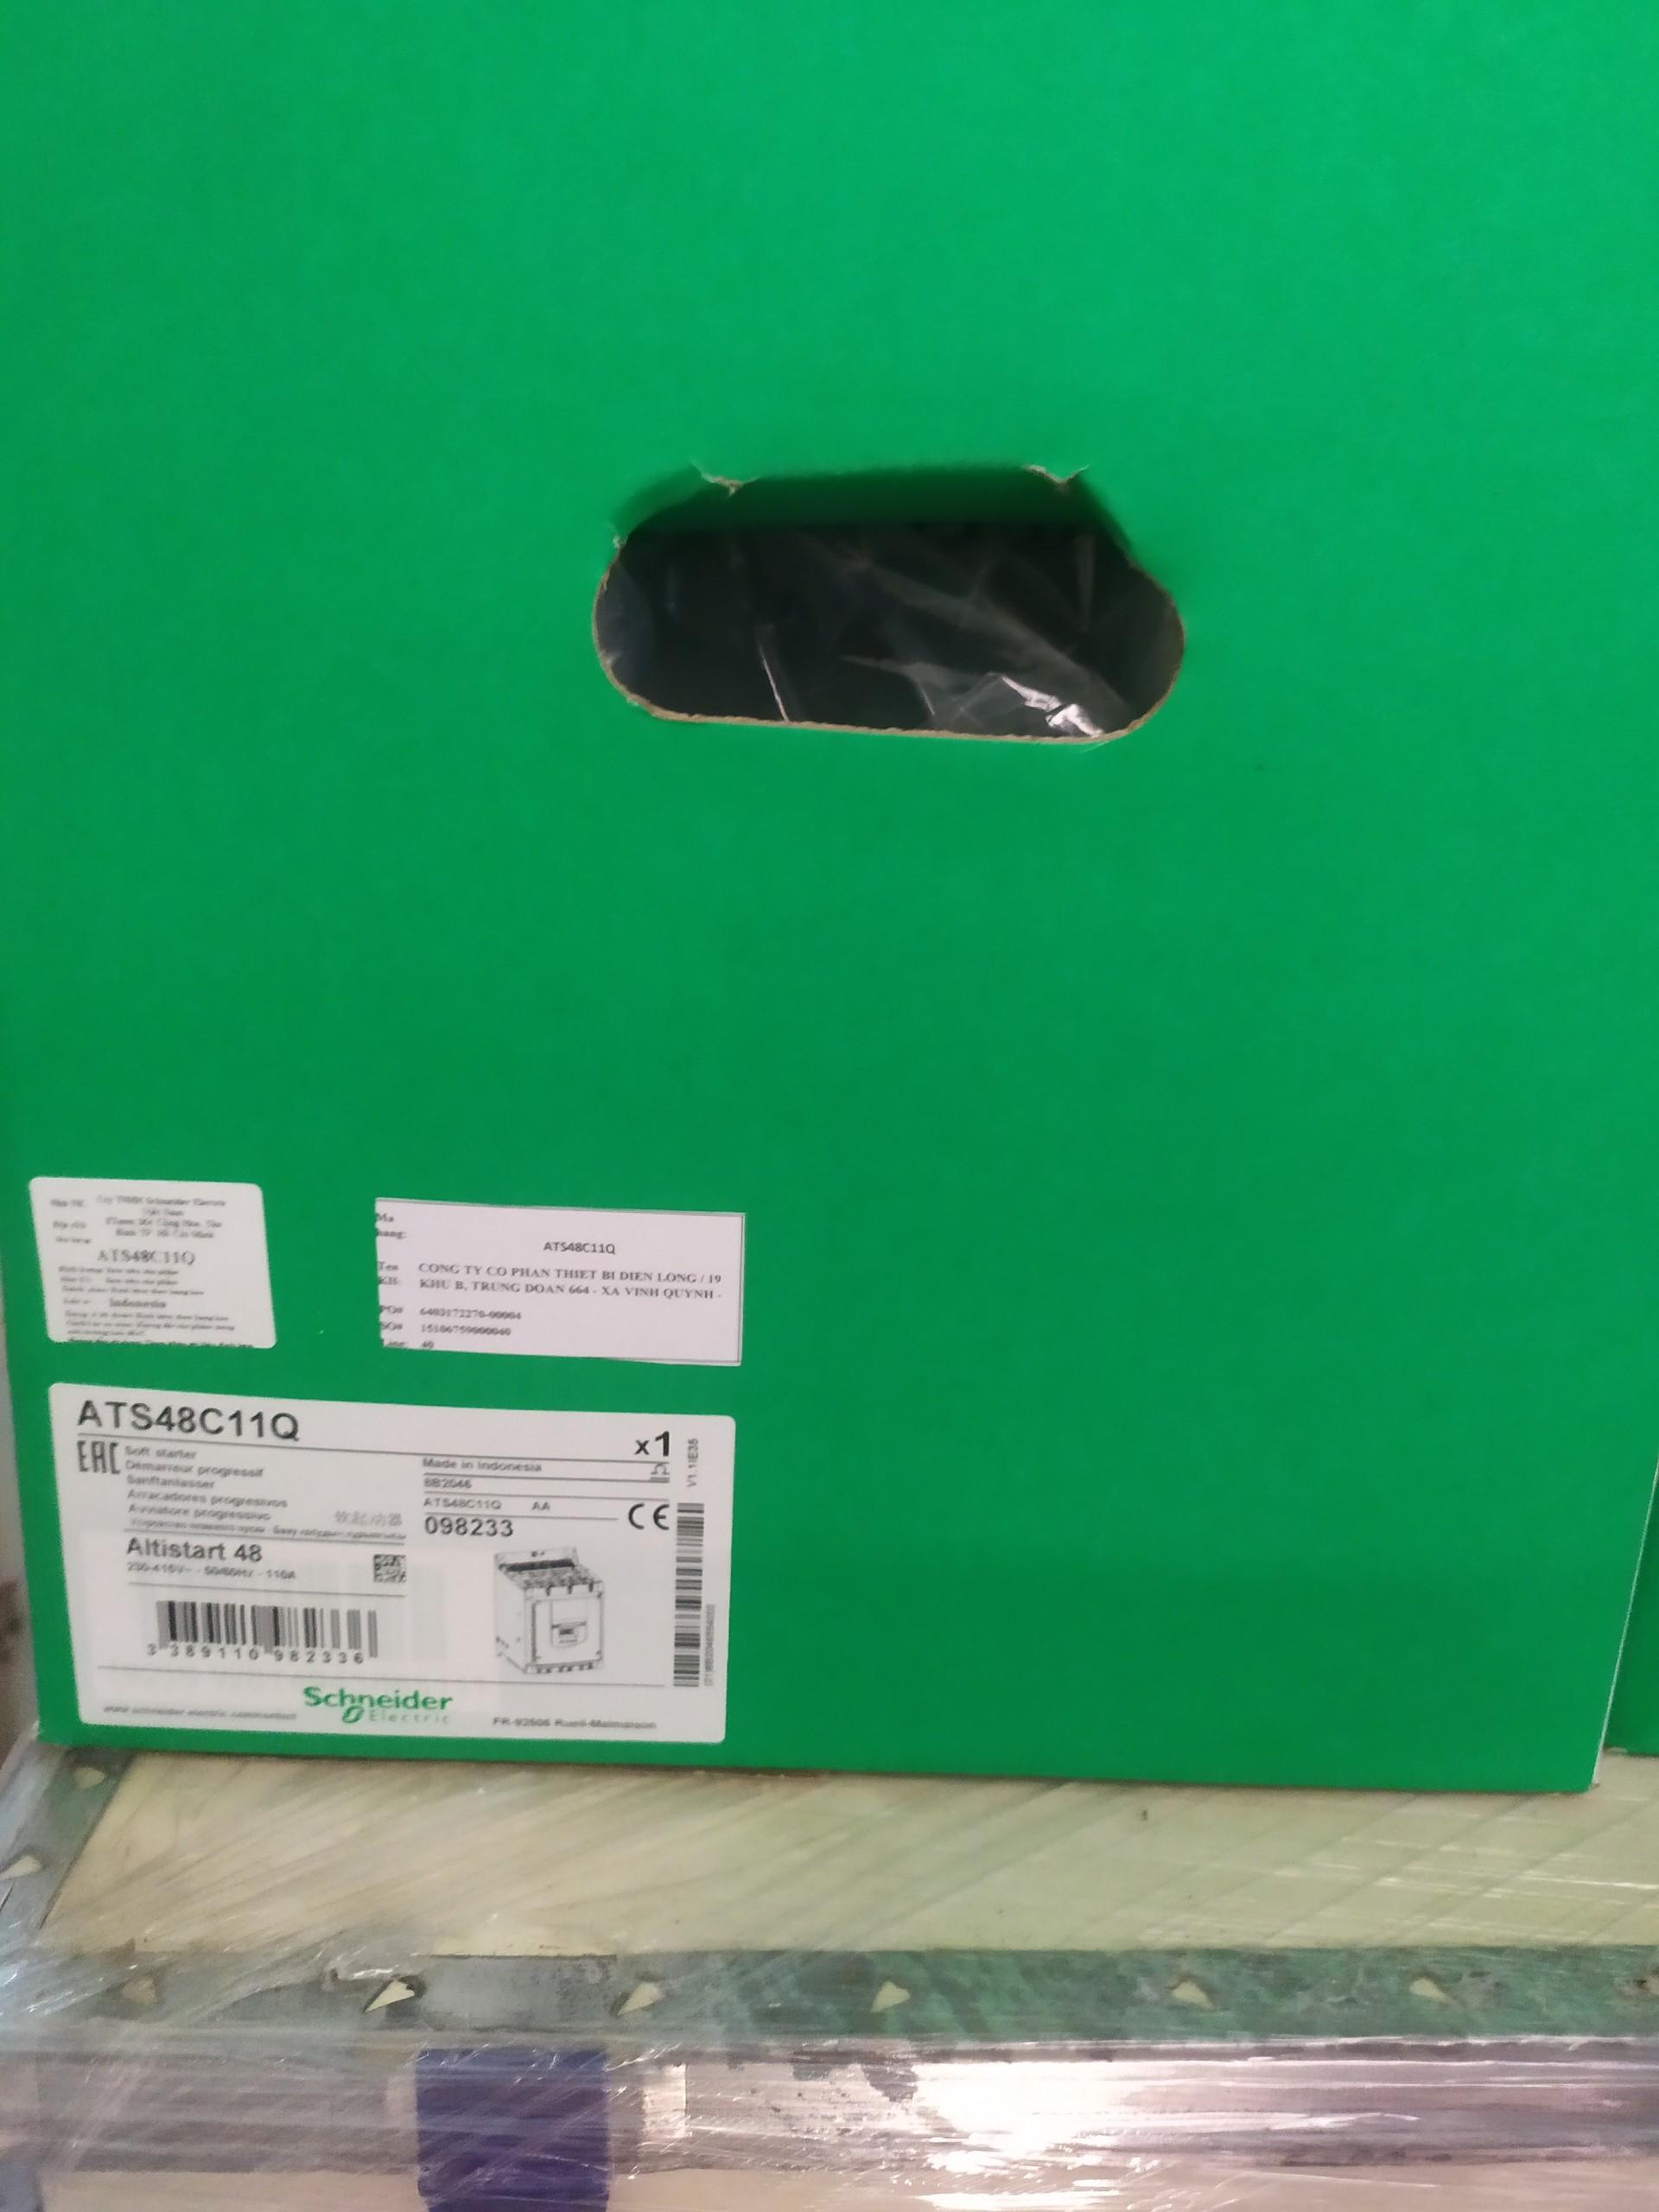 bộ khởi động mềm ATS48C11Q, 100 A, 230..415 V, 22..90 KW Schneider